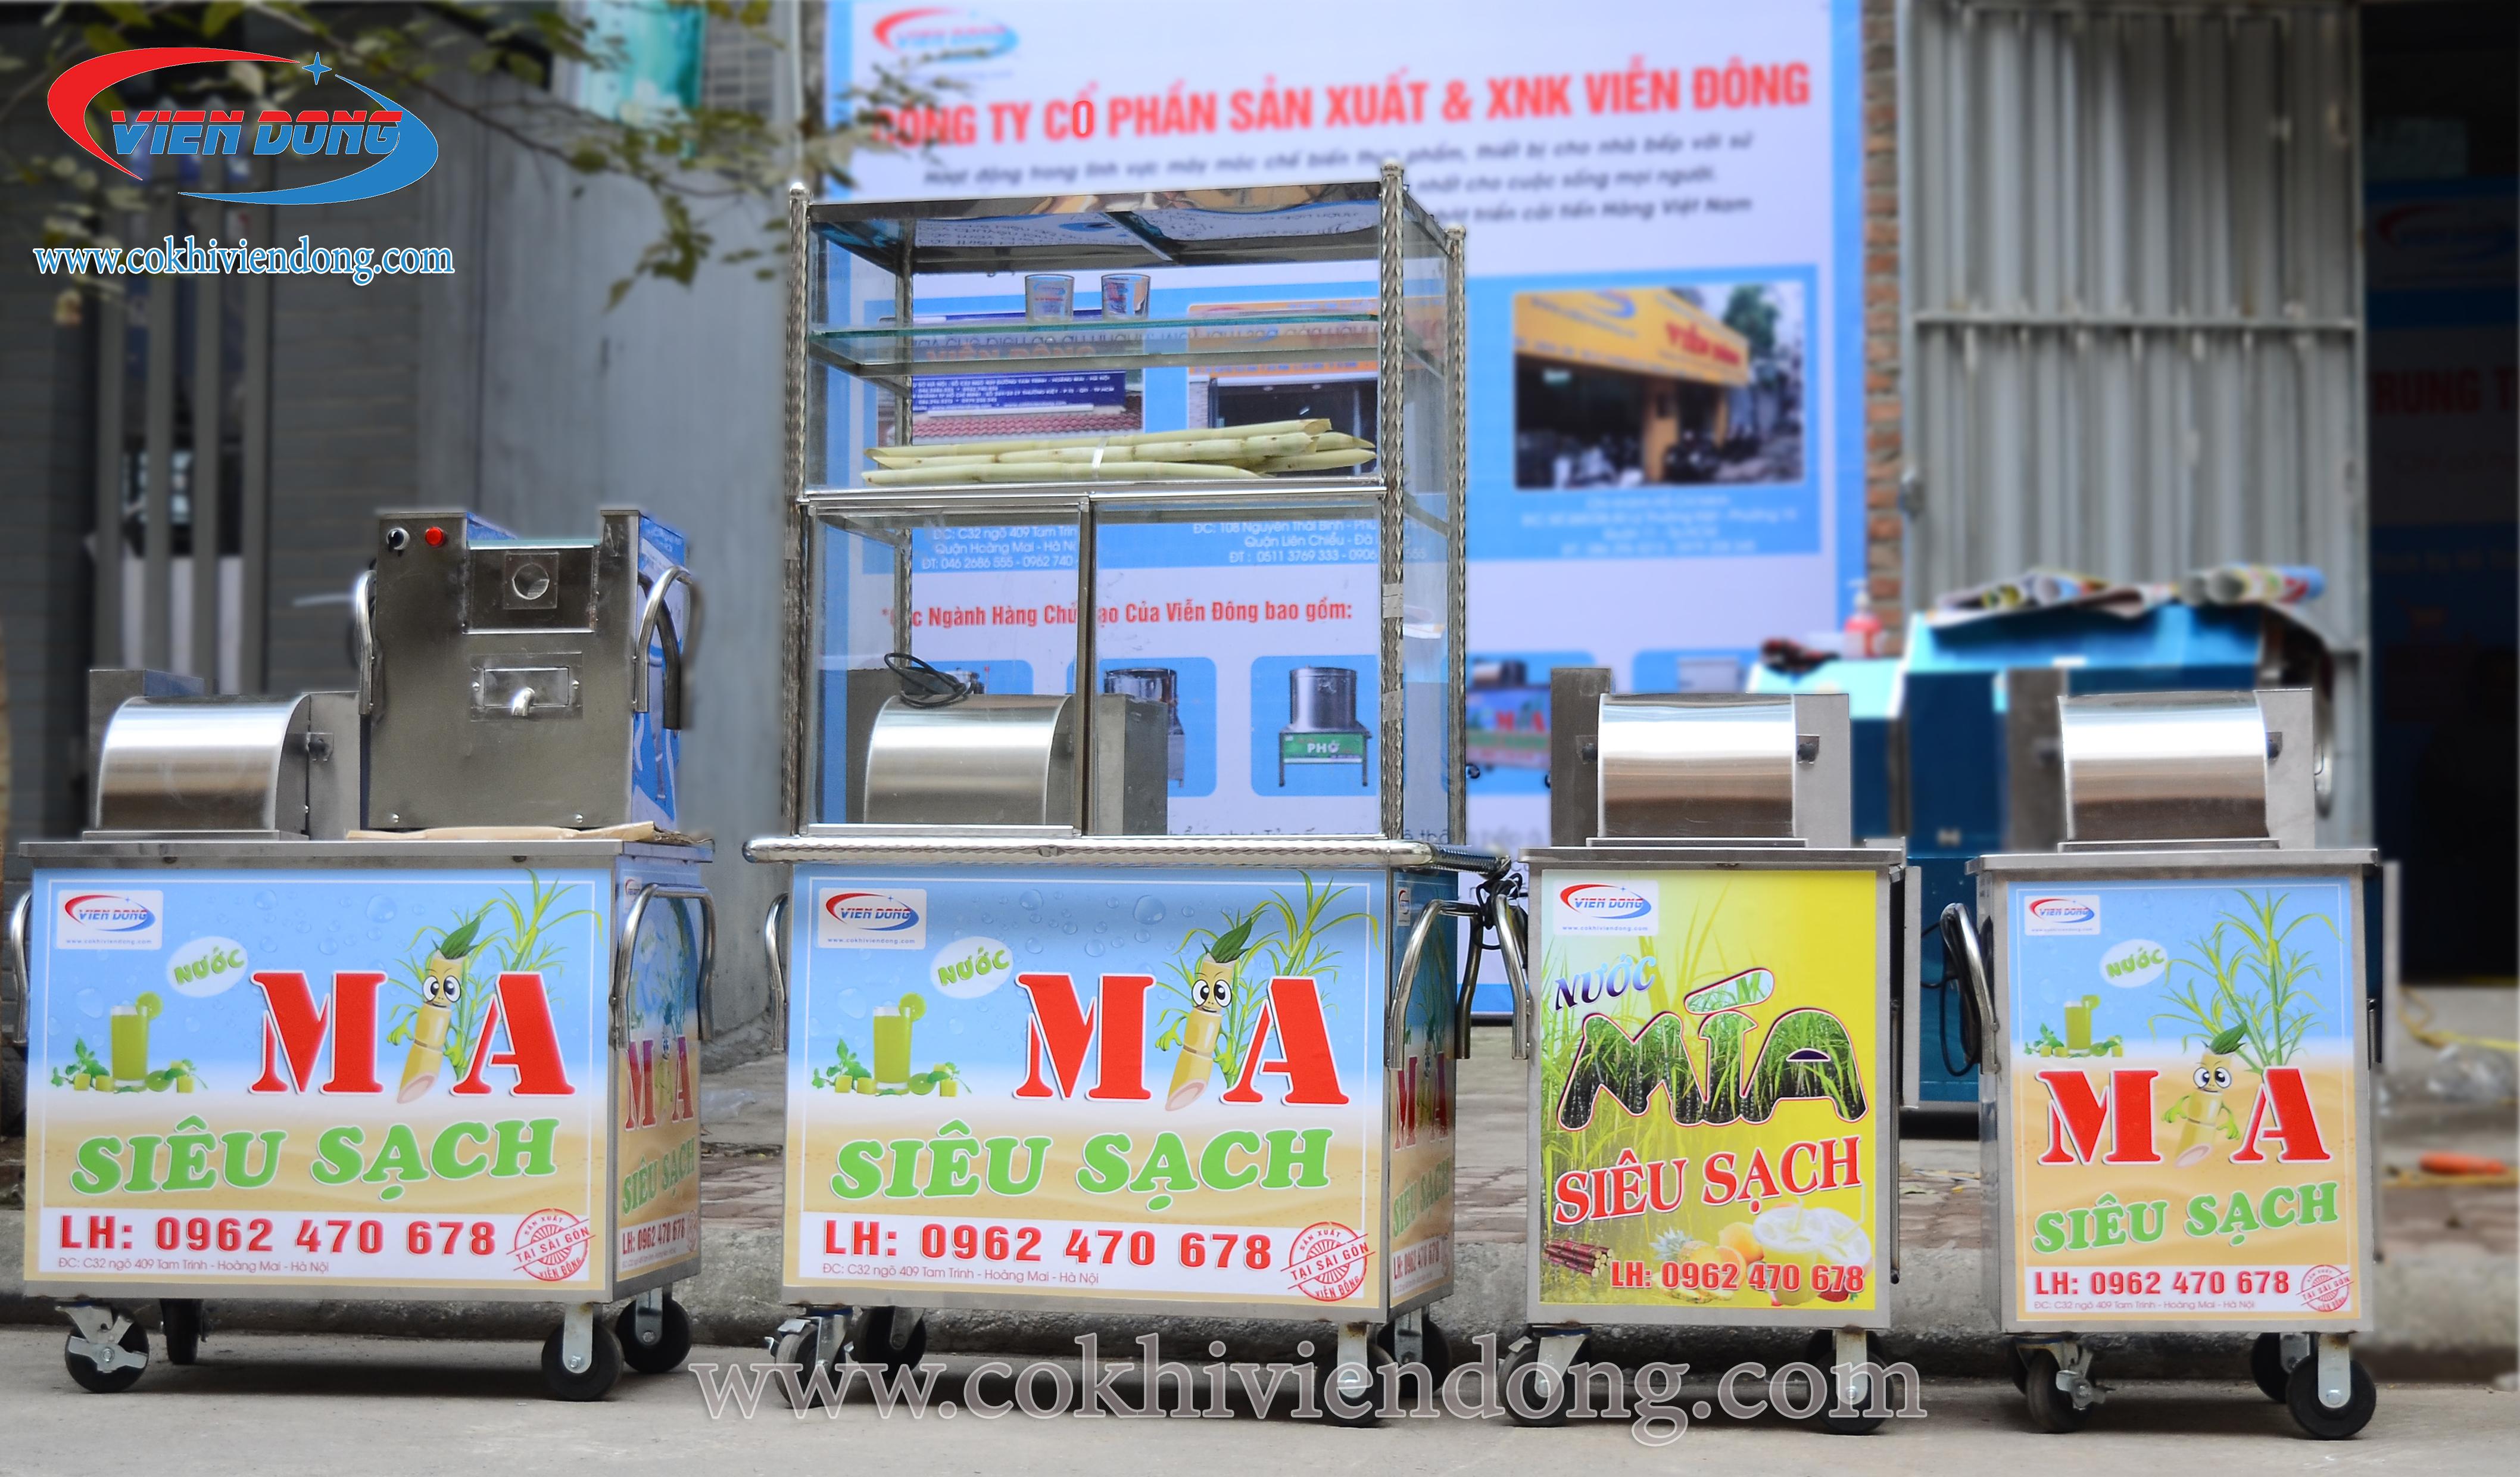 Giá máy ép nước mía siêu sạch Viễn Đông